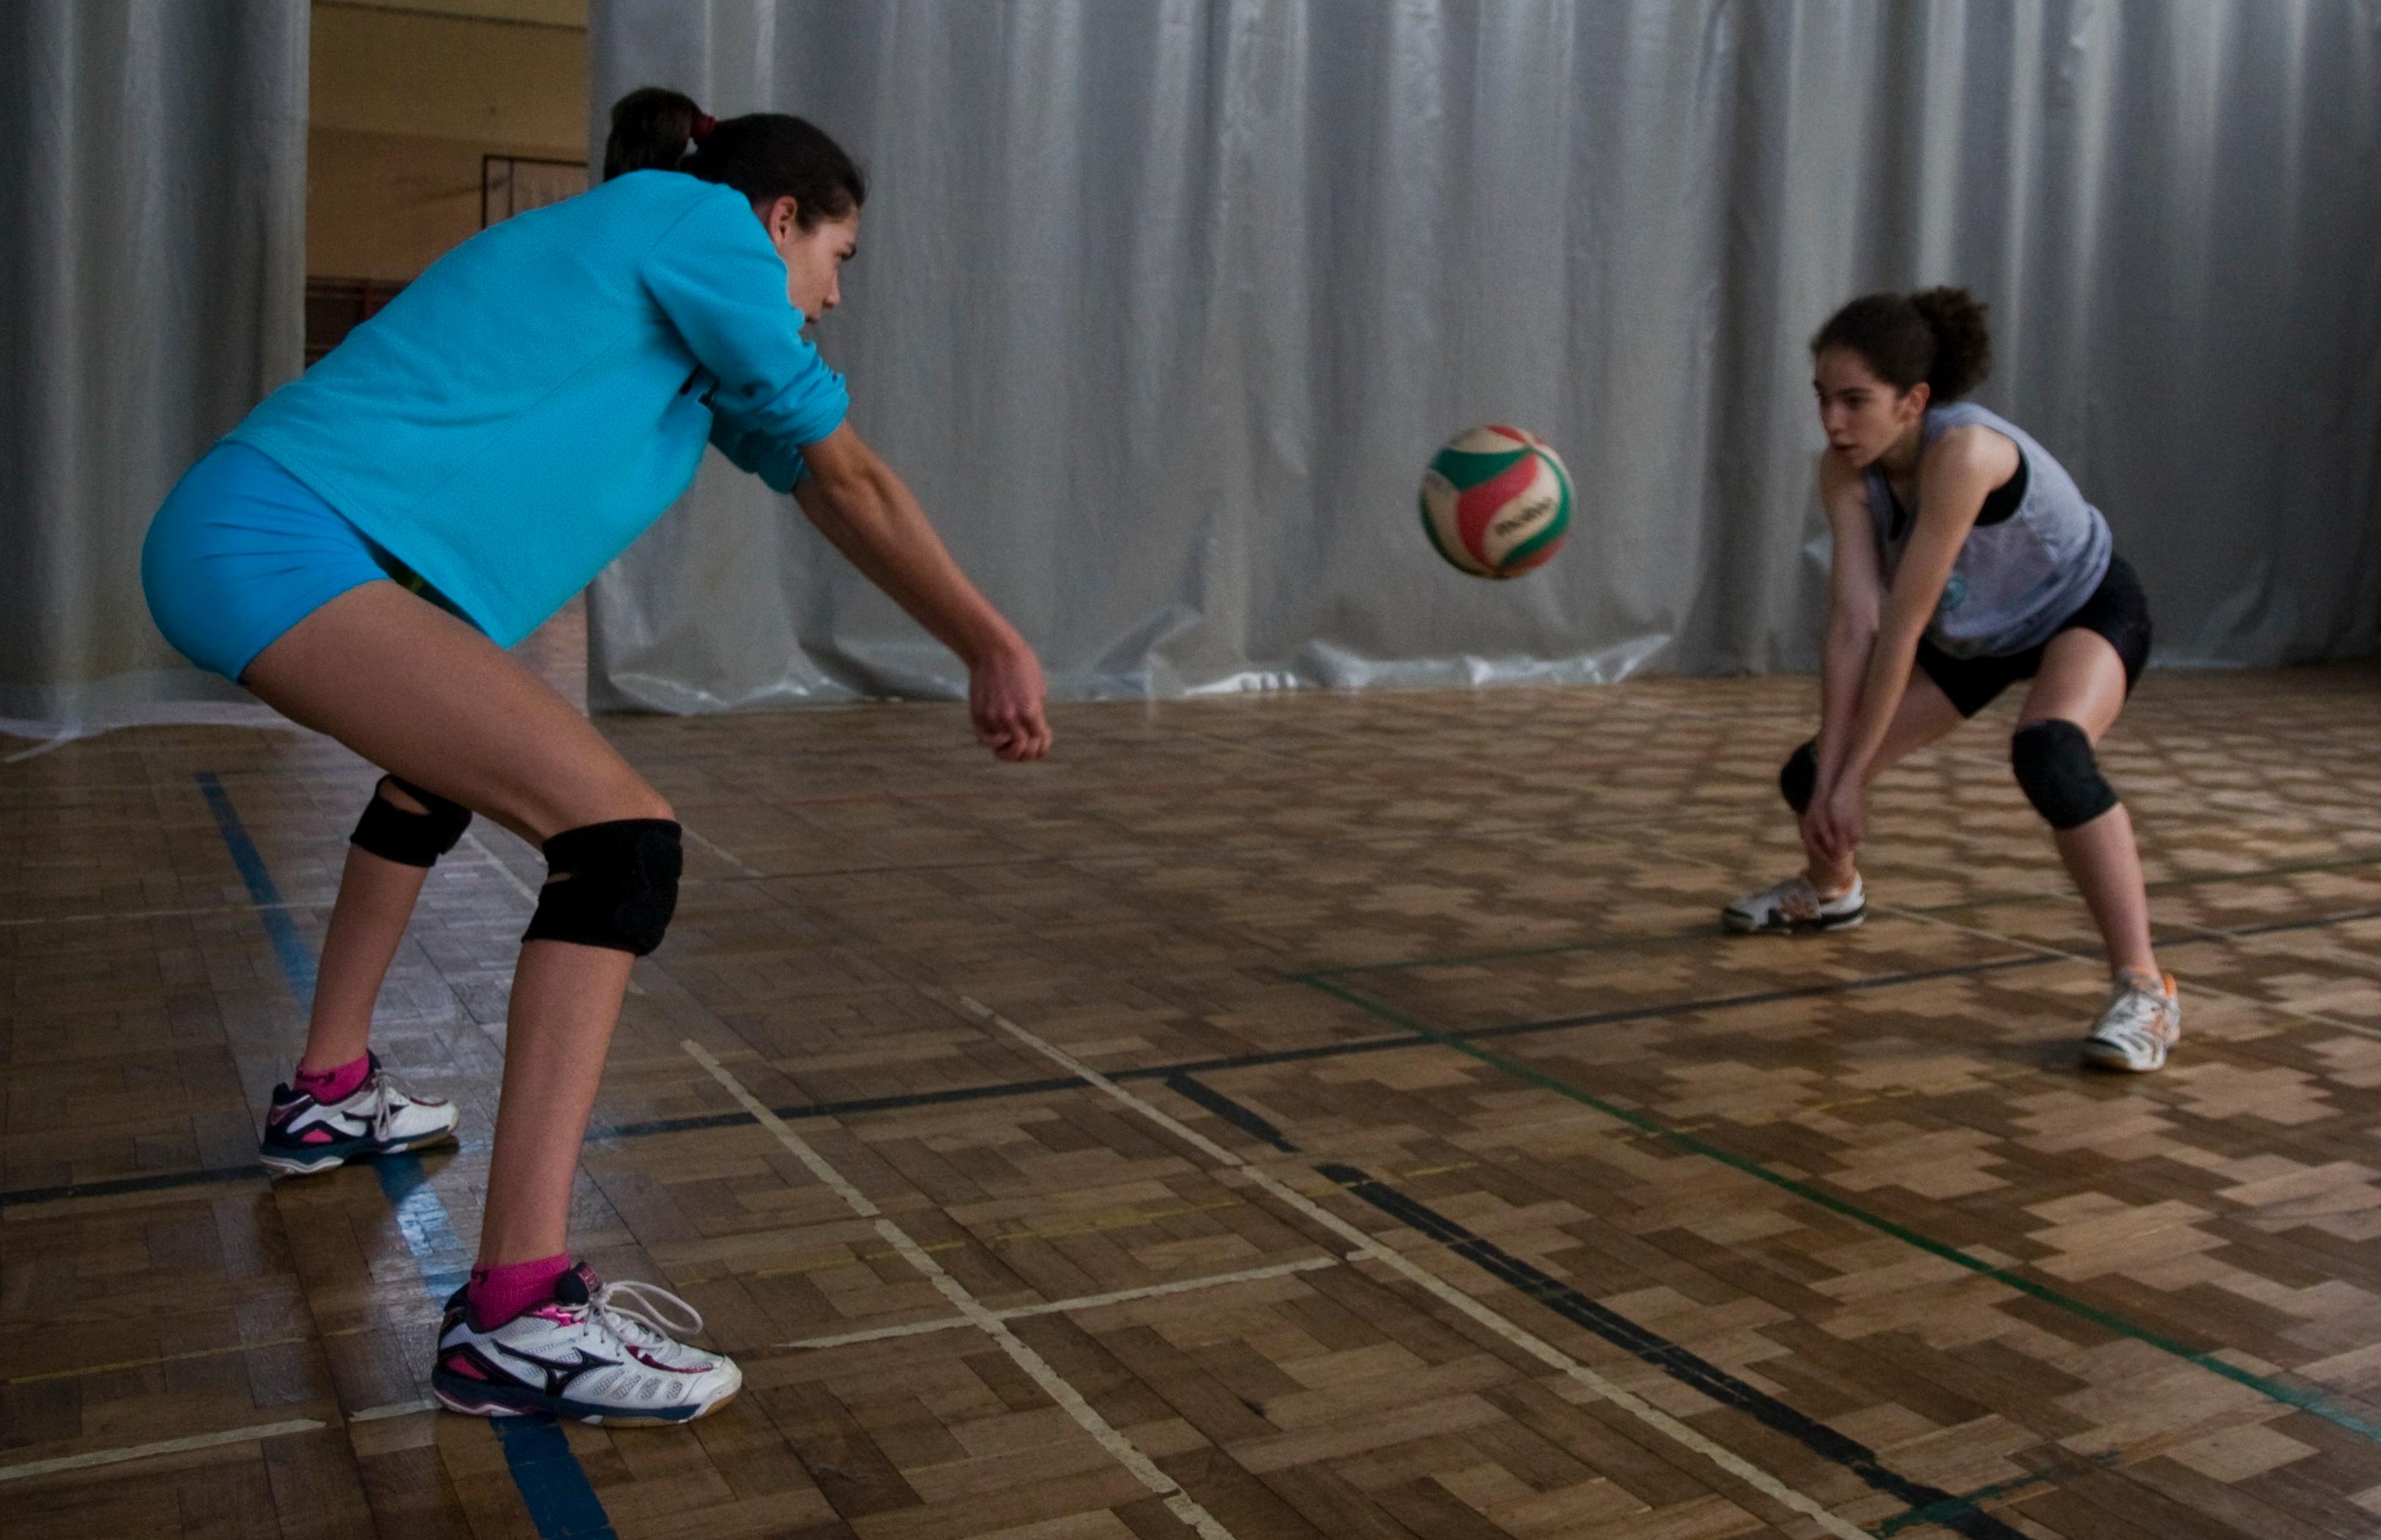 Ejercicios para trabajar el toque de antebrazos en voleibol